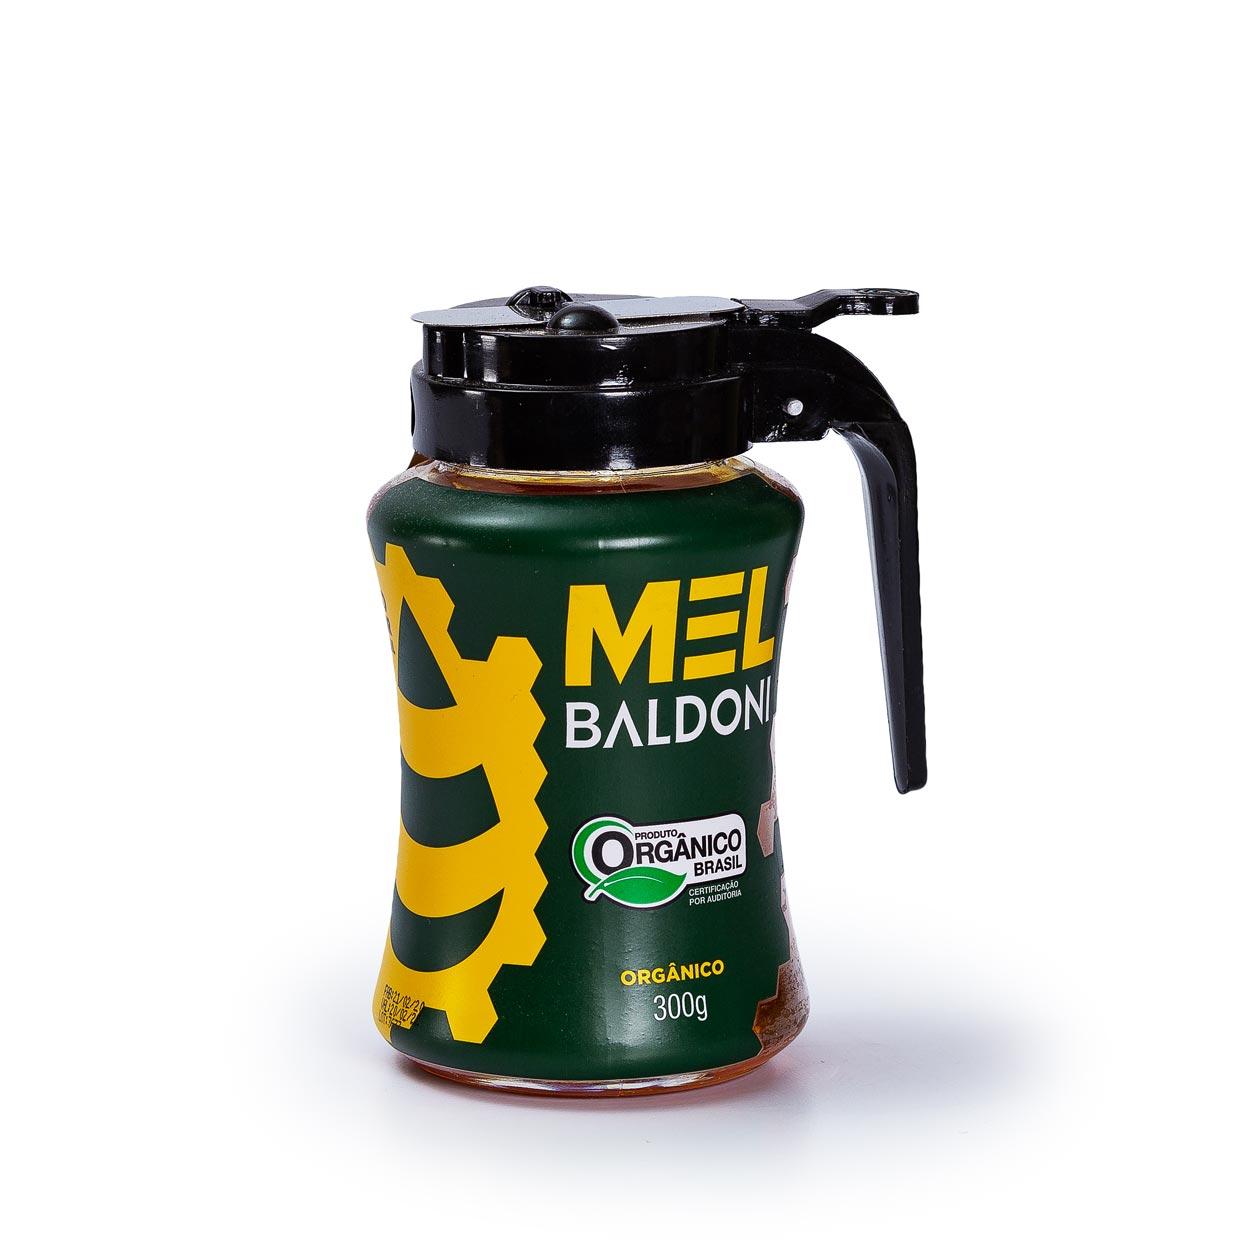 Mel orgânico 300g - jarra